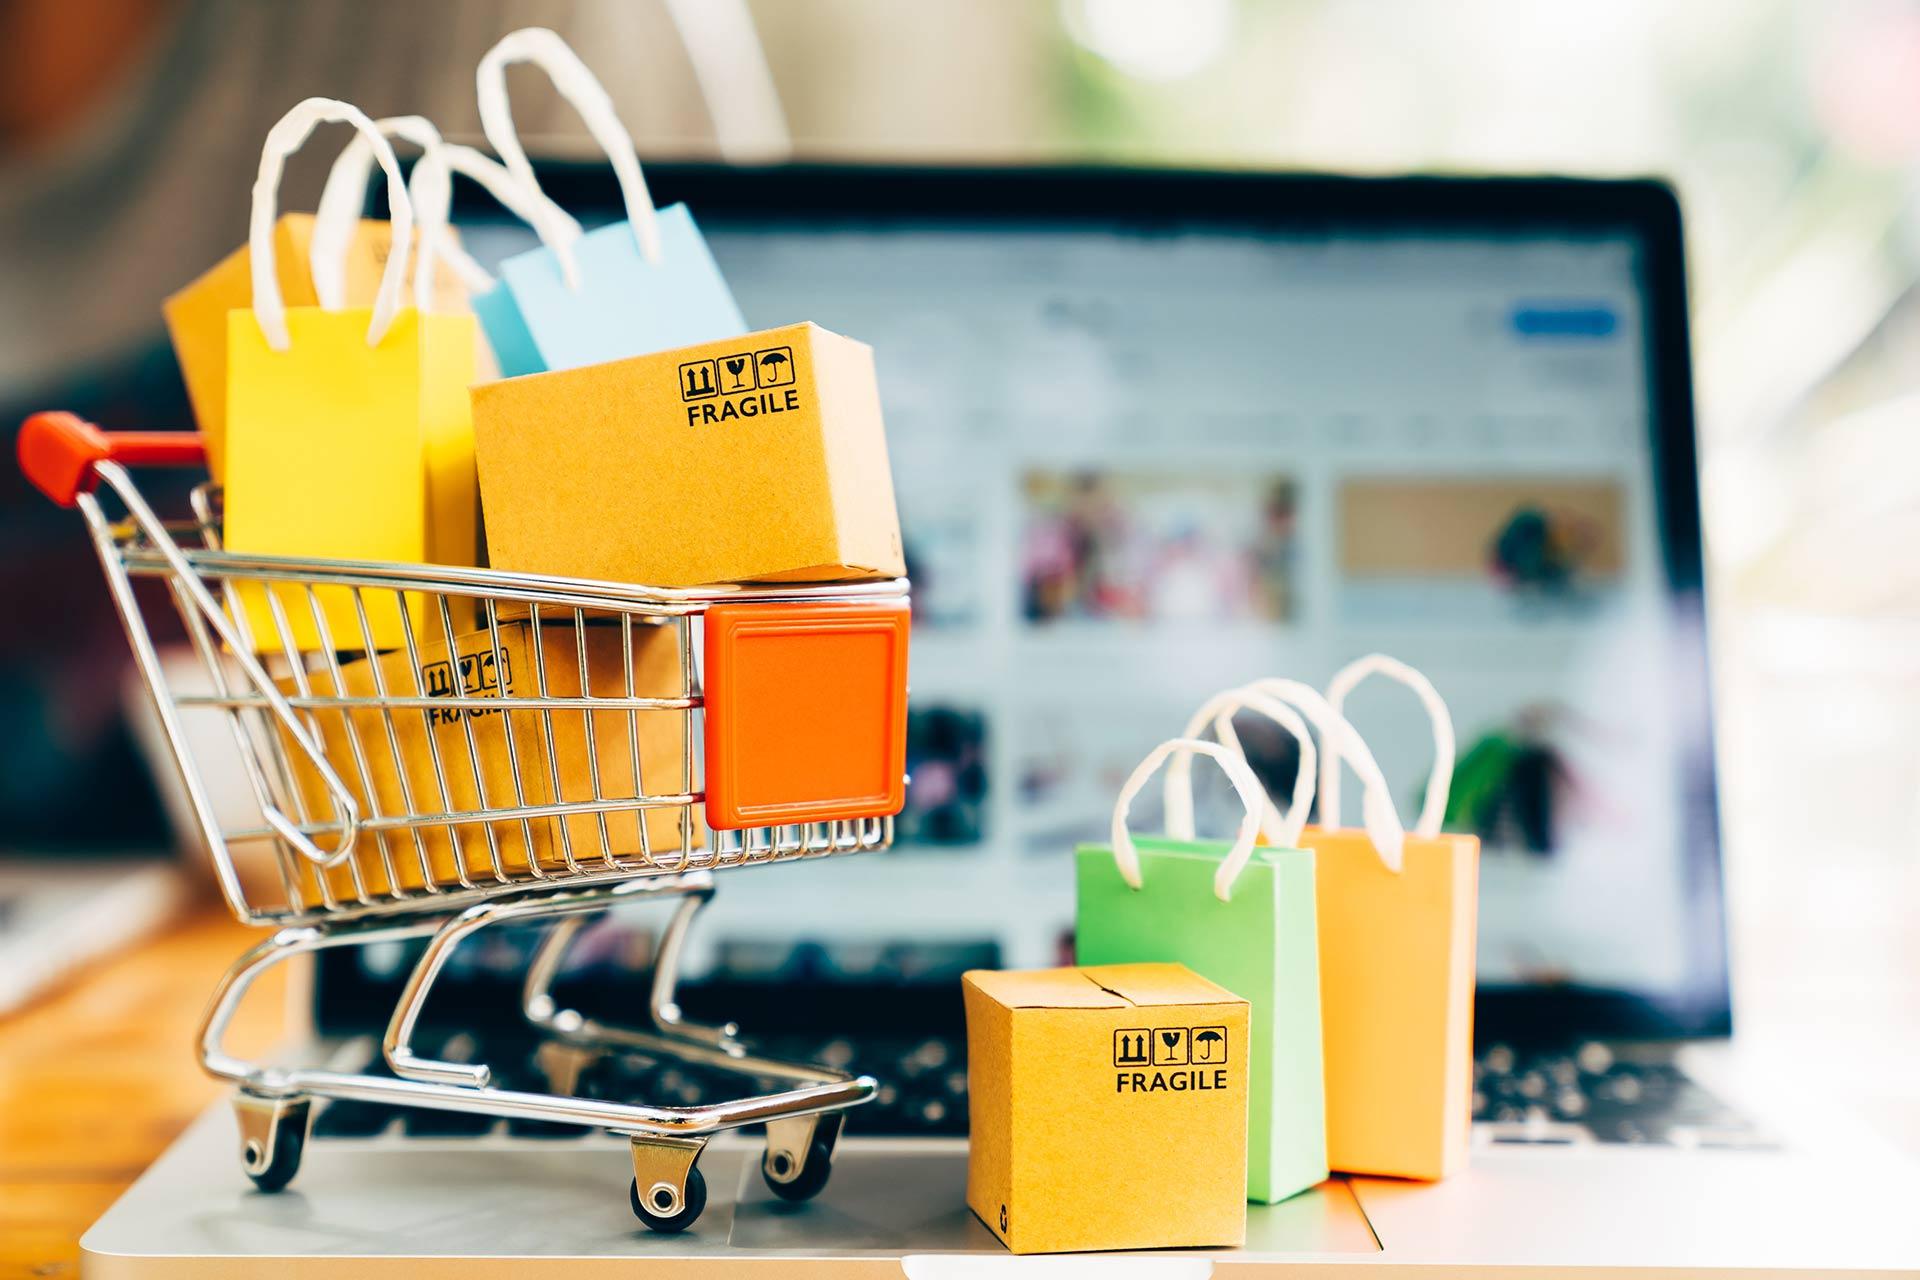 Практический вебинар №2. Самостоятельное создание интернет-магазина с нуля